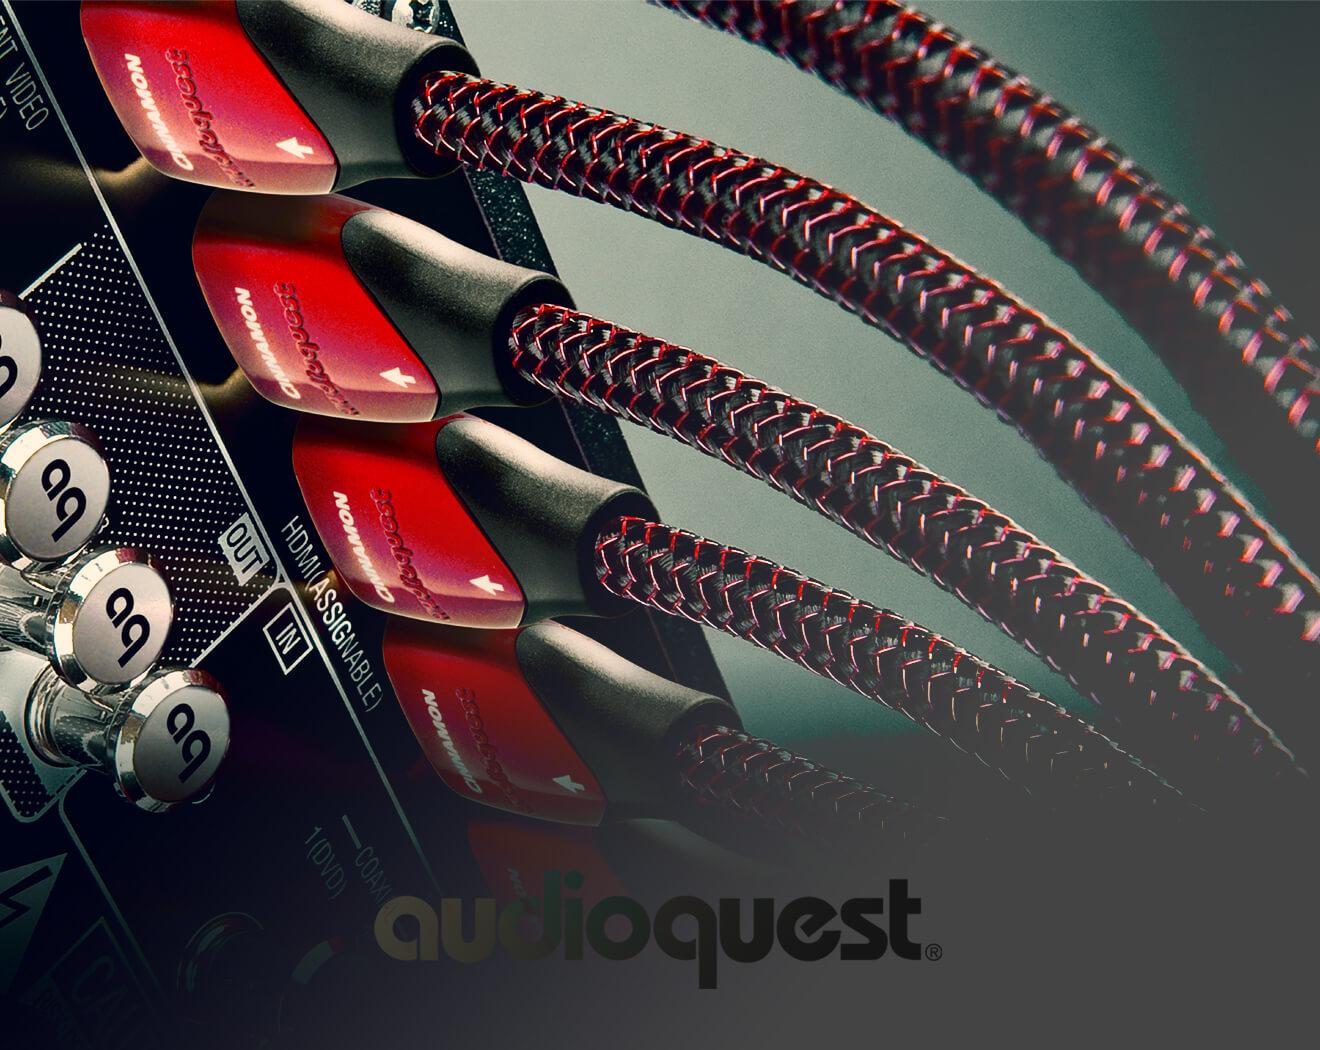 Audioquest Kabel kaufen